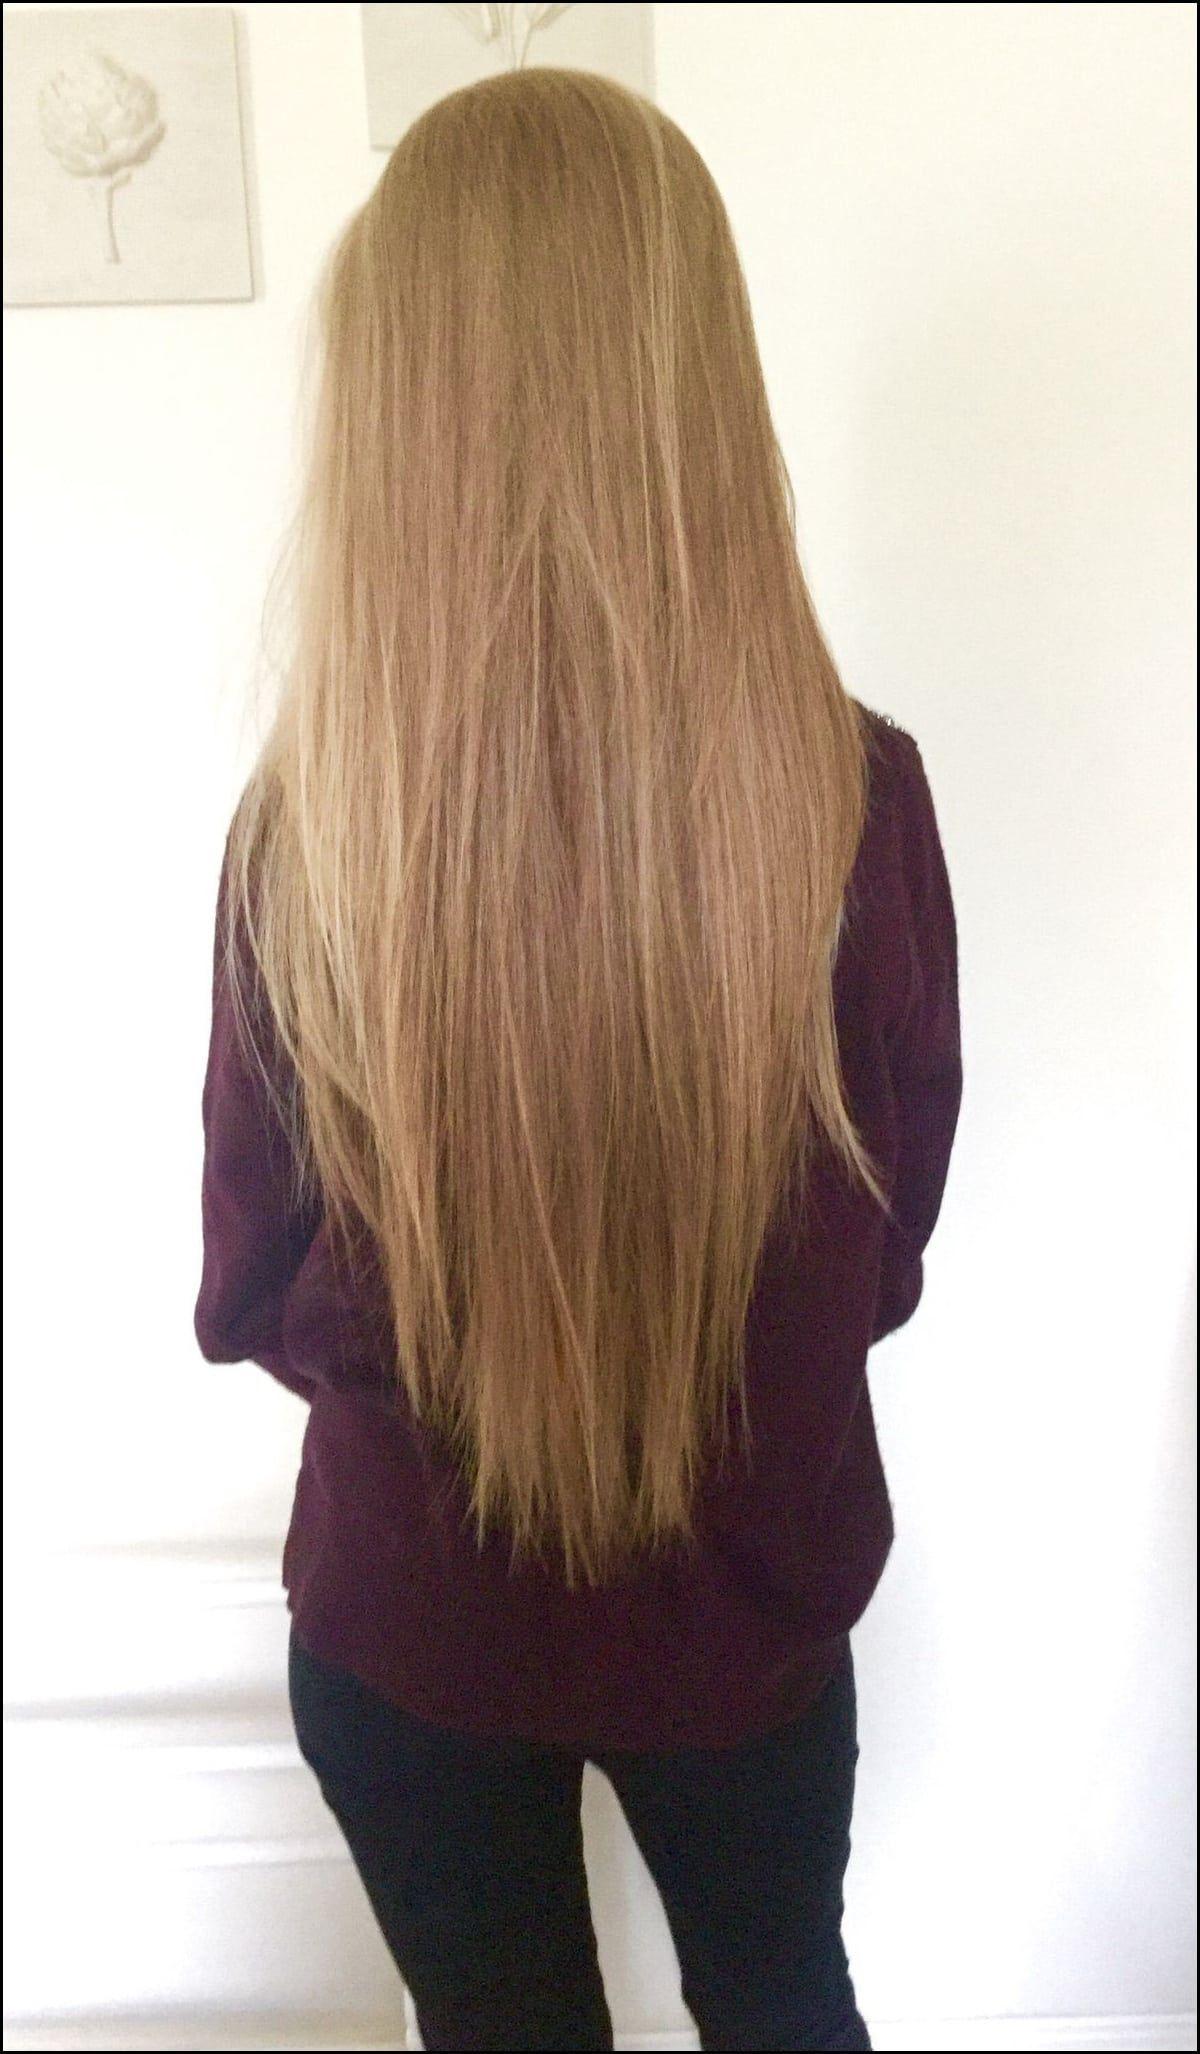 frisur lange haare v schnitt | akibakeidouga